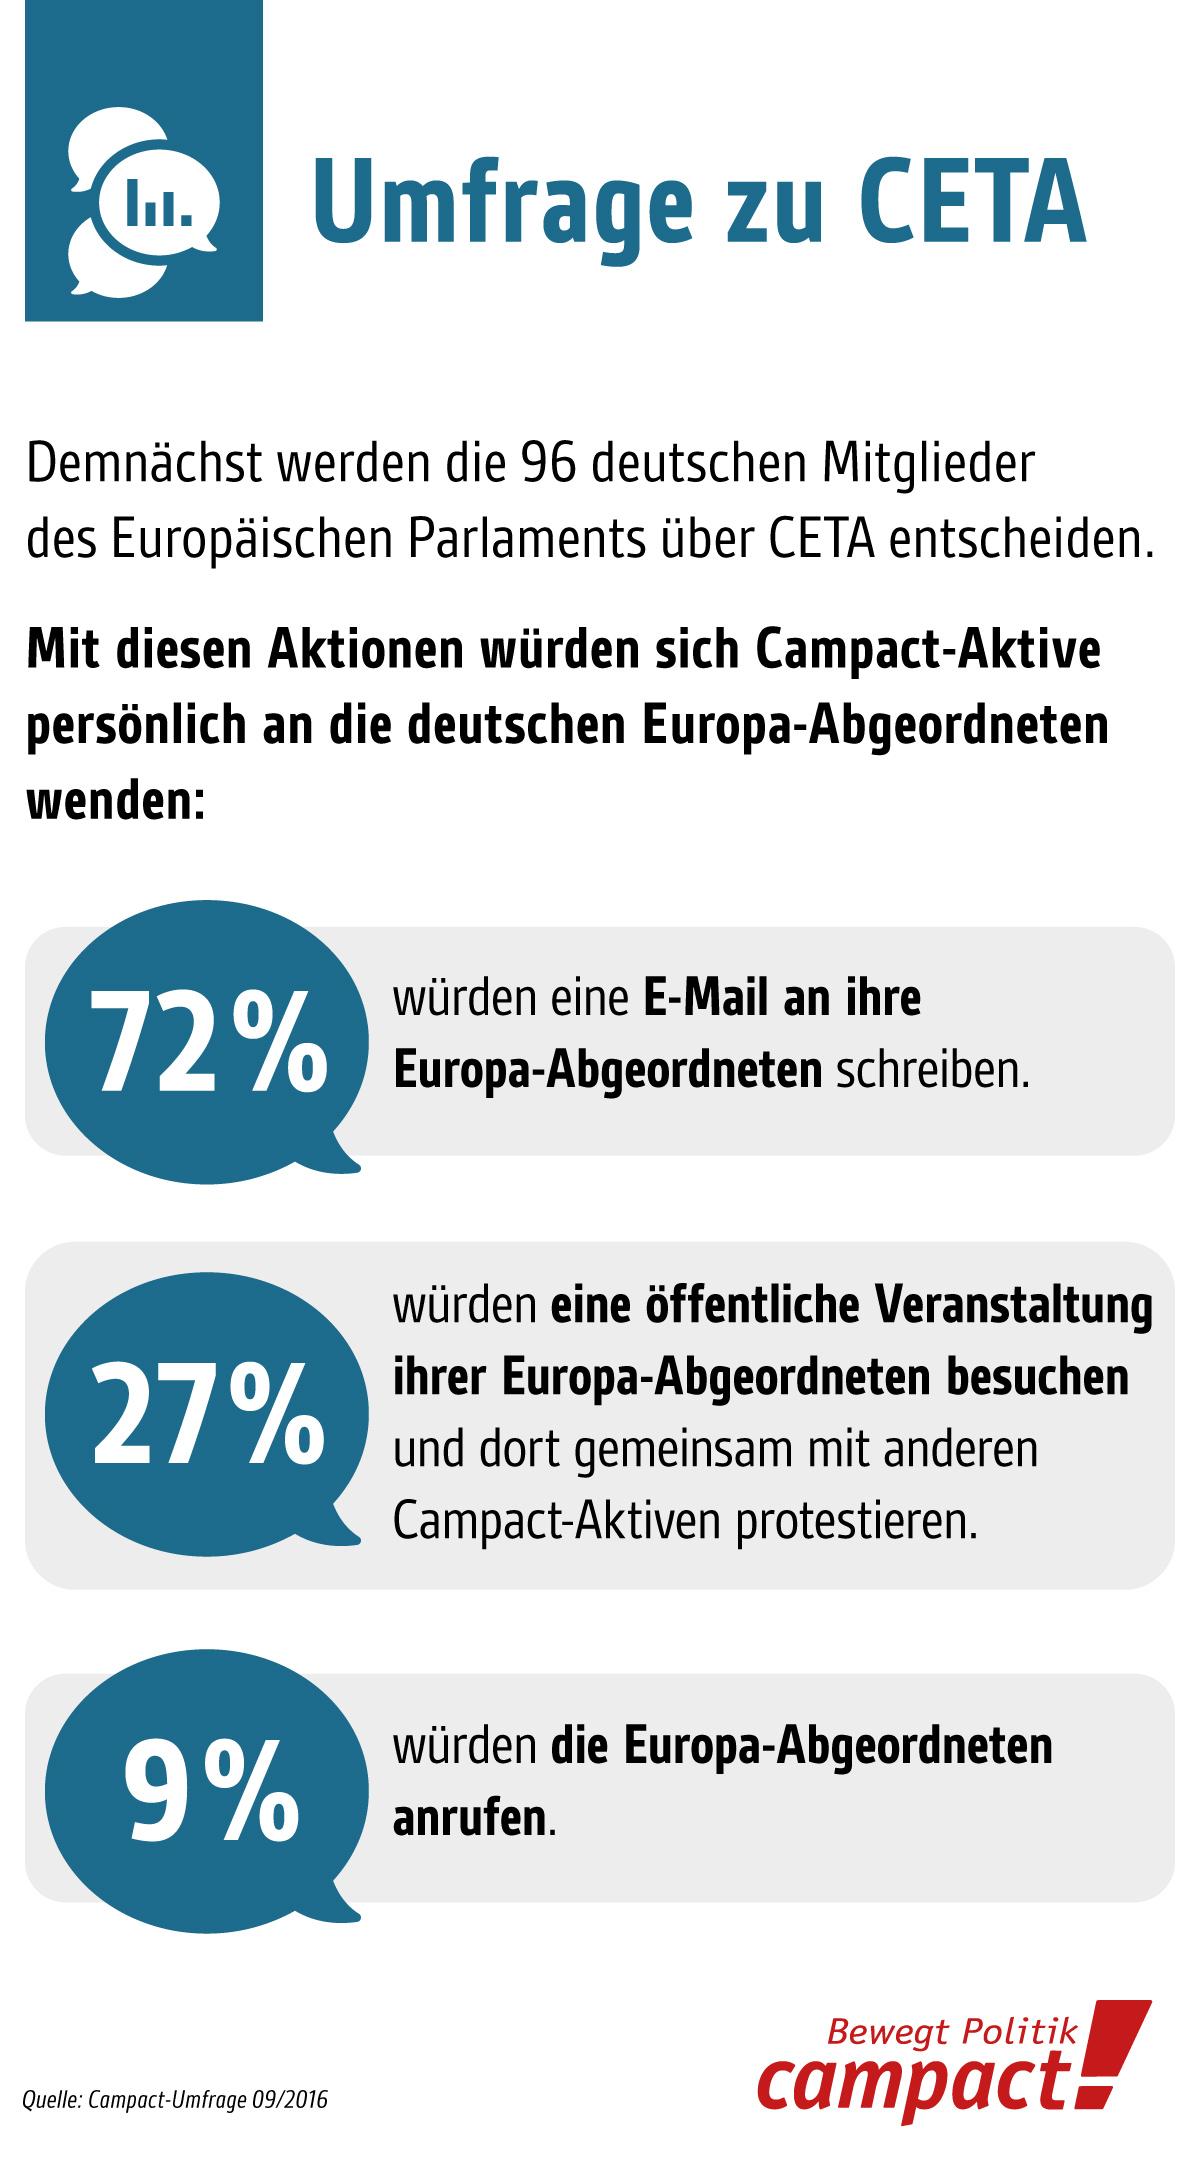 Campact-Umfrage im September 2016. Aktionen mit Bezug zu Europa-Abgeordneten. Grafik: Zitrusblau/Campact (CC)